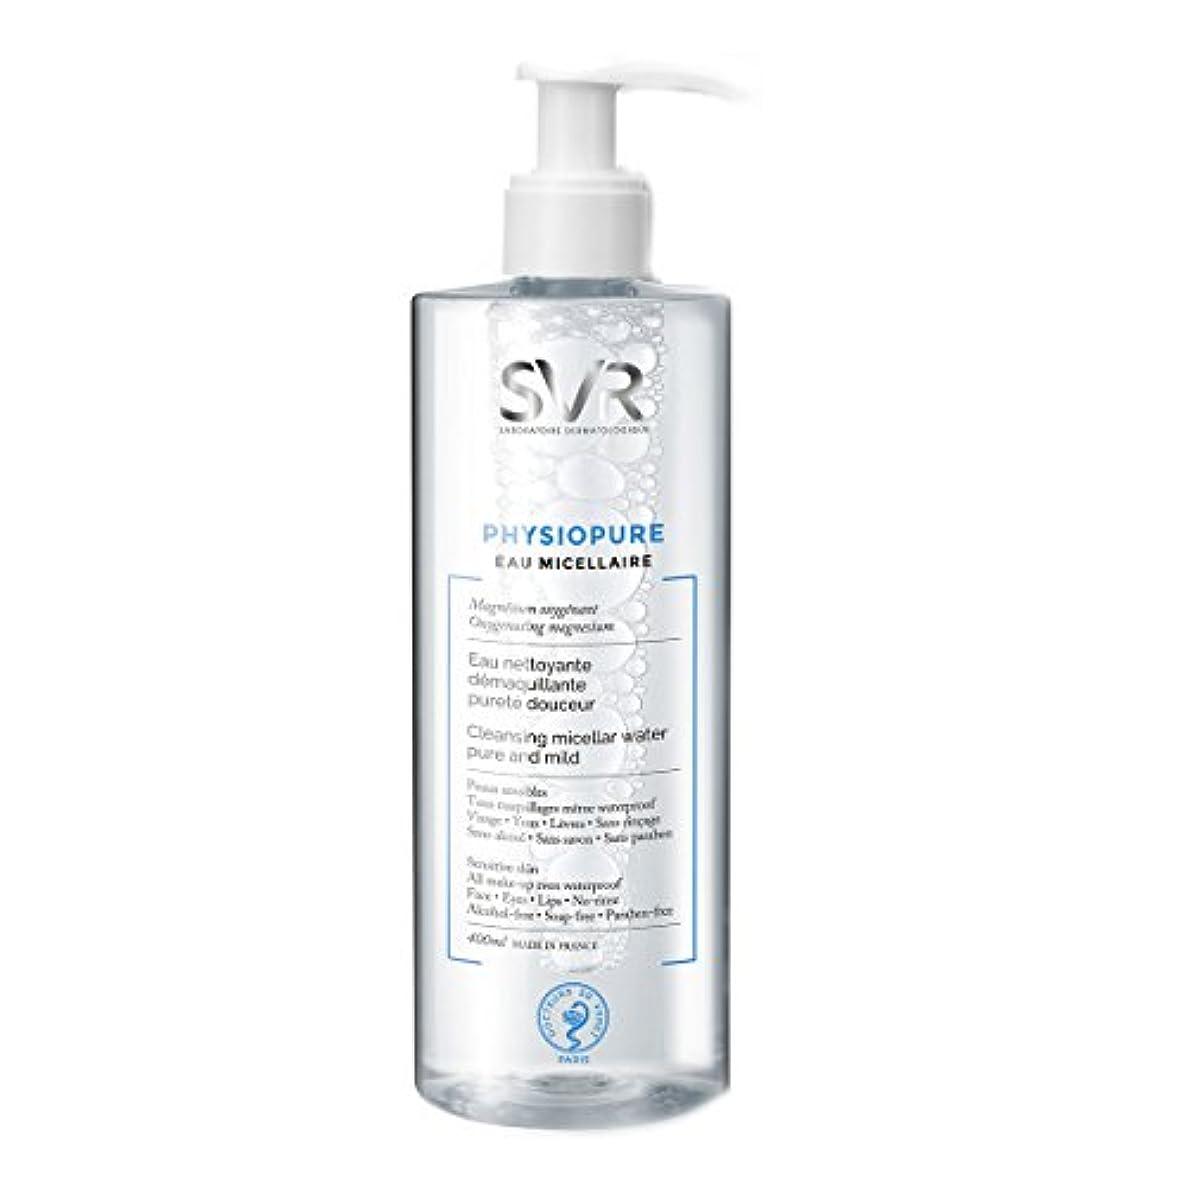 スポンジデンプシー舗装するSvr Physiopure Cleansing Micellar Water 400ml [並行輸入品]